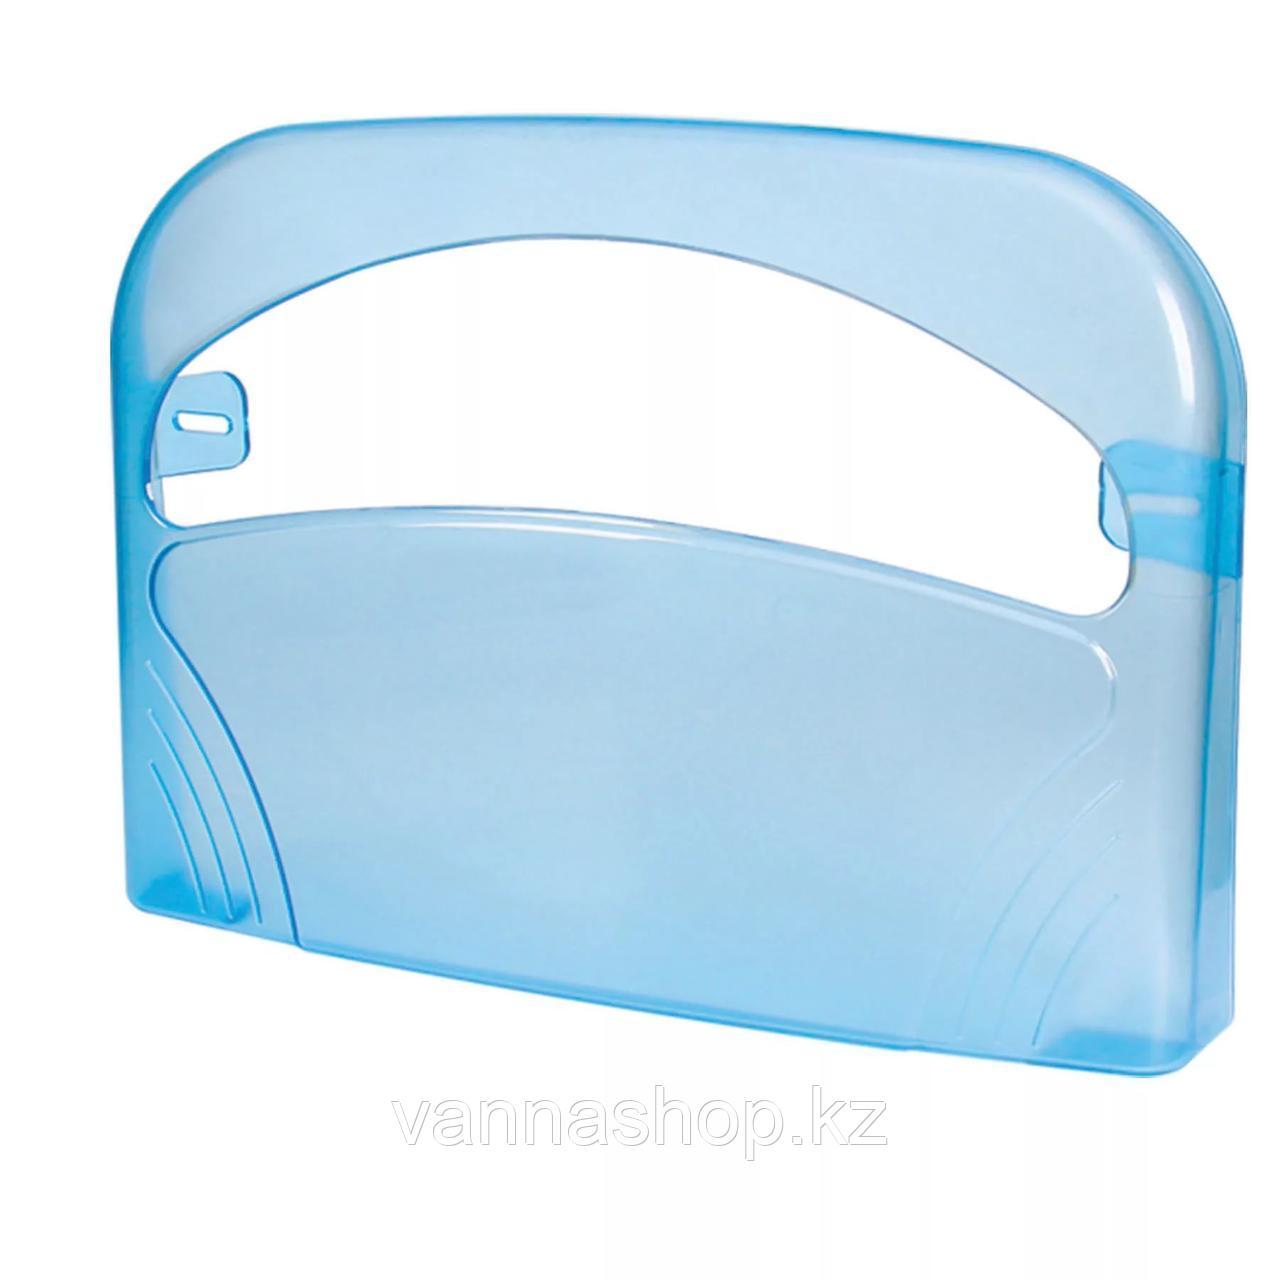 """Диспенсер Palex для гигиенической бумаги на крышку унитаза """"Синий"""""""